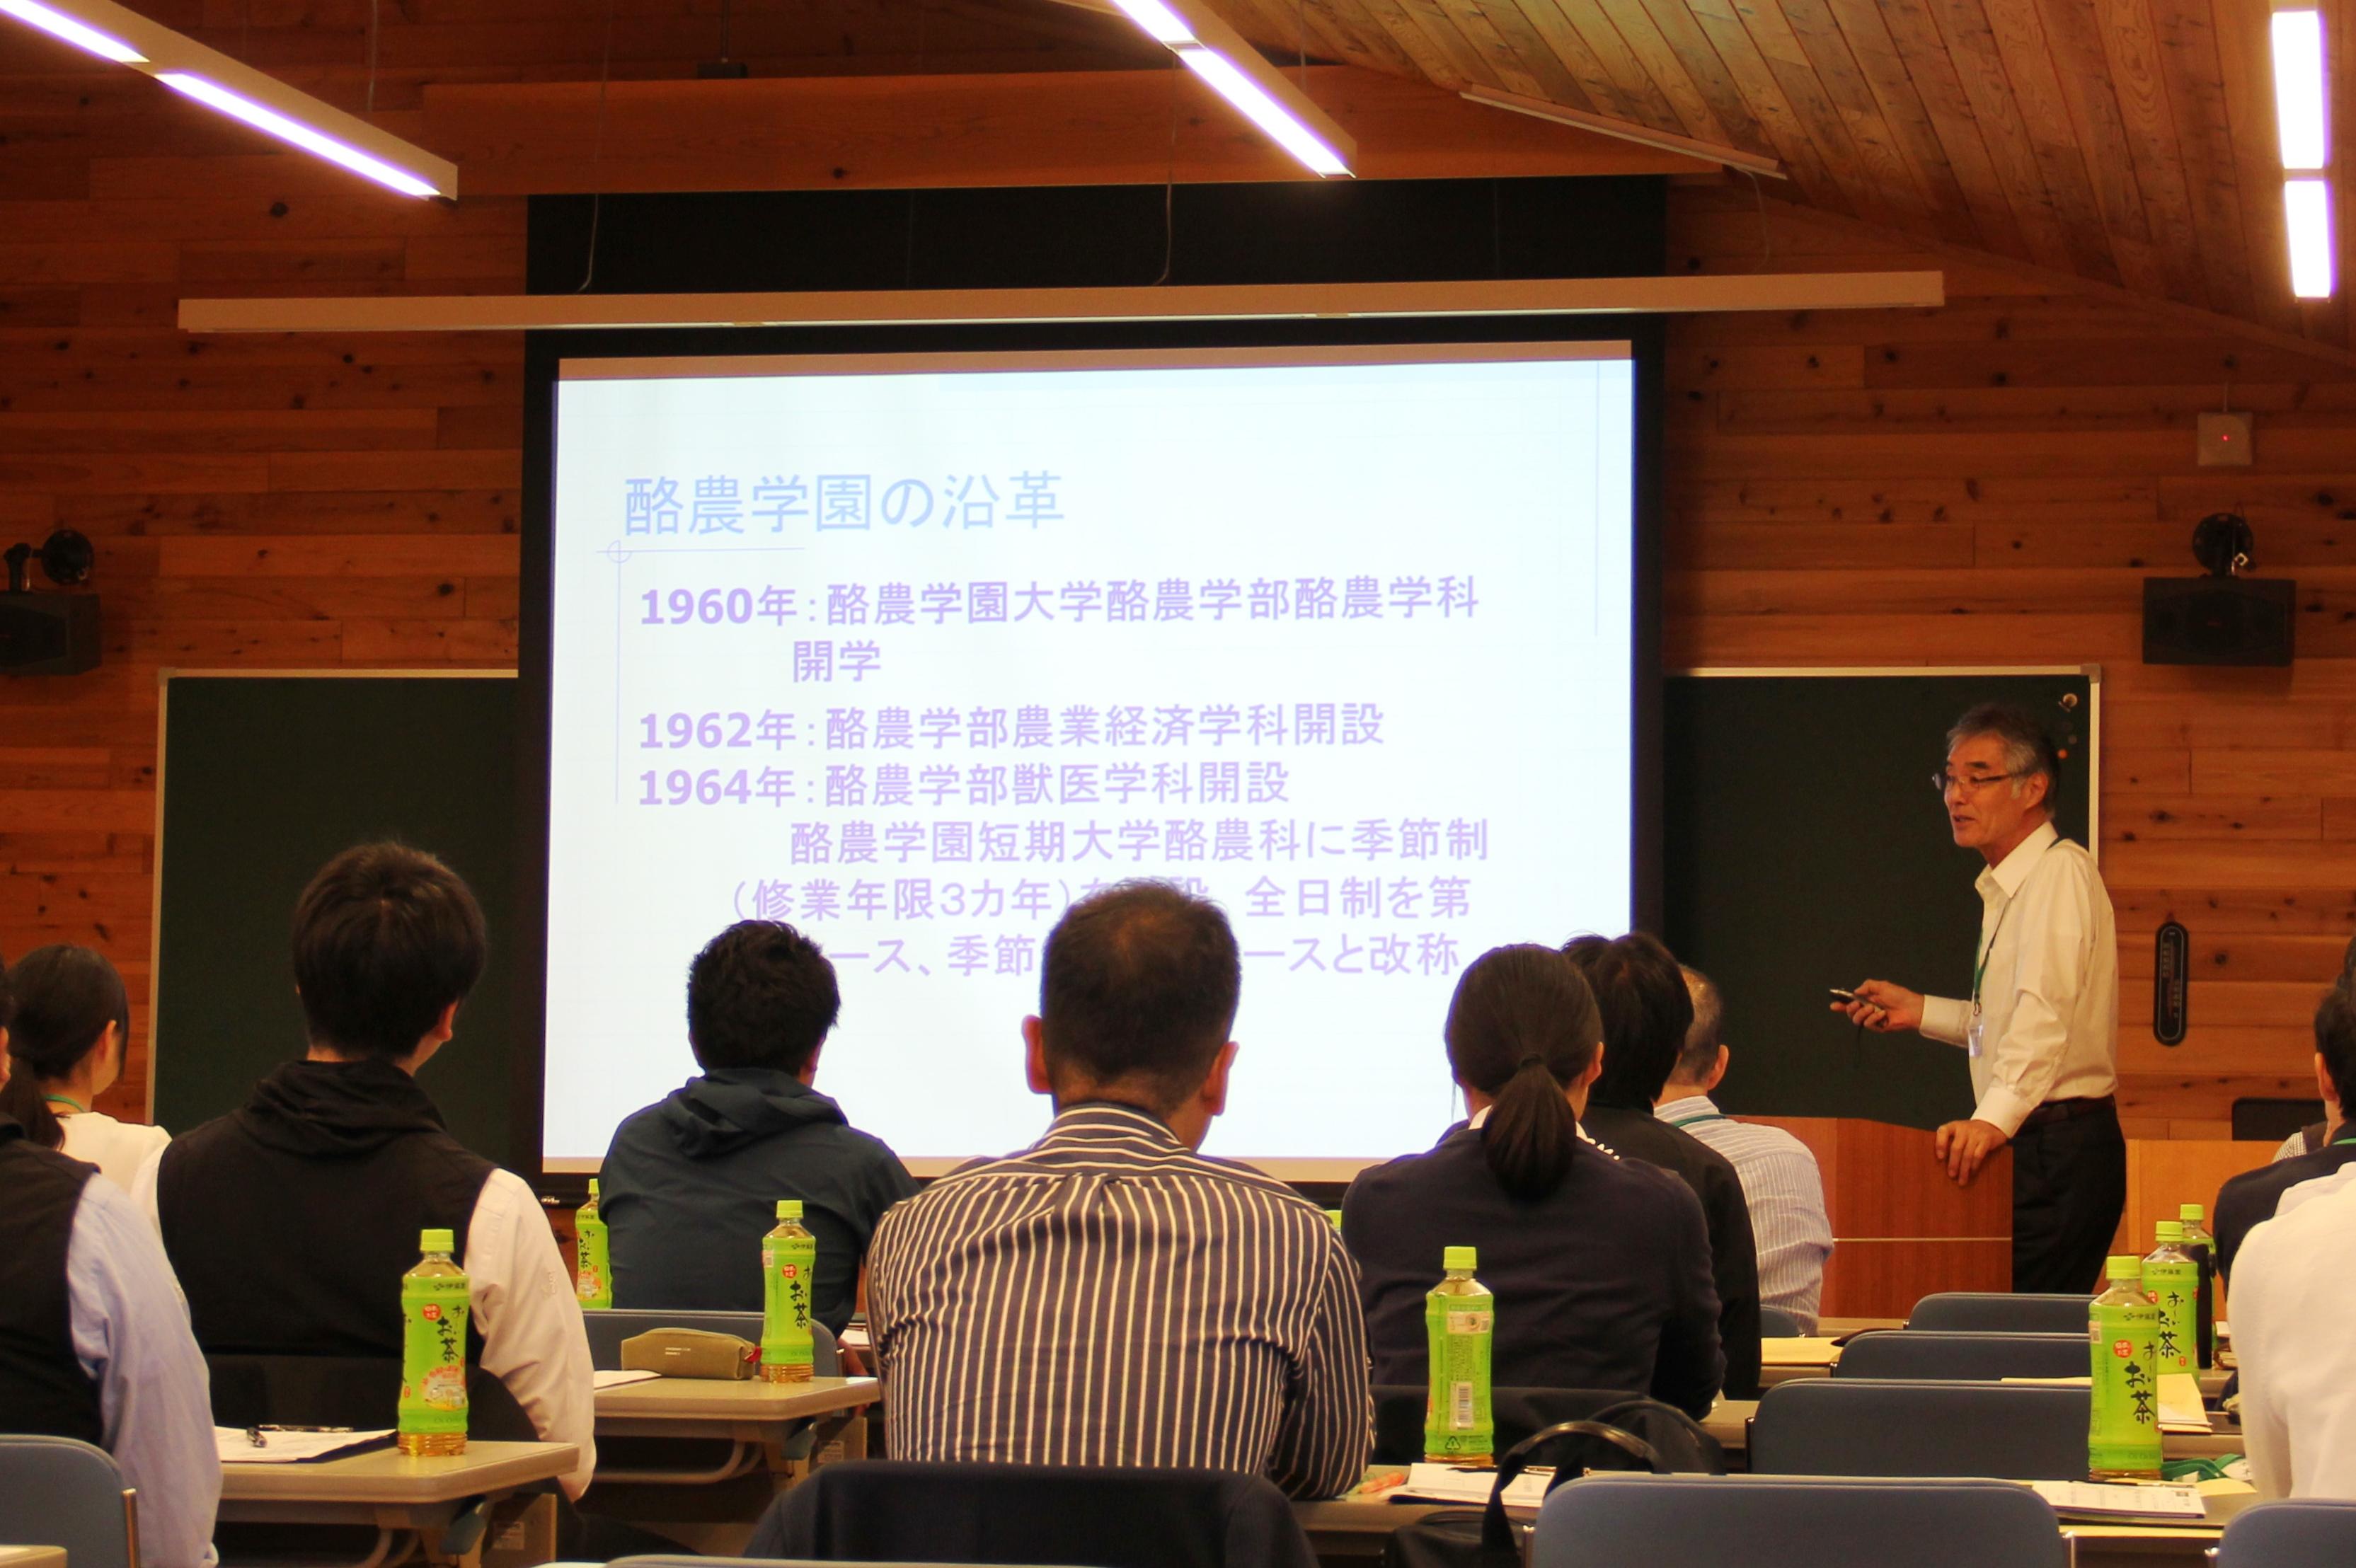 令和元年度中央審査研究会が開催されました